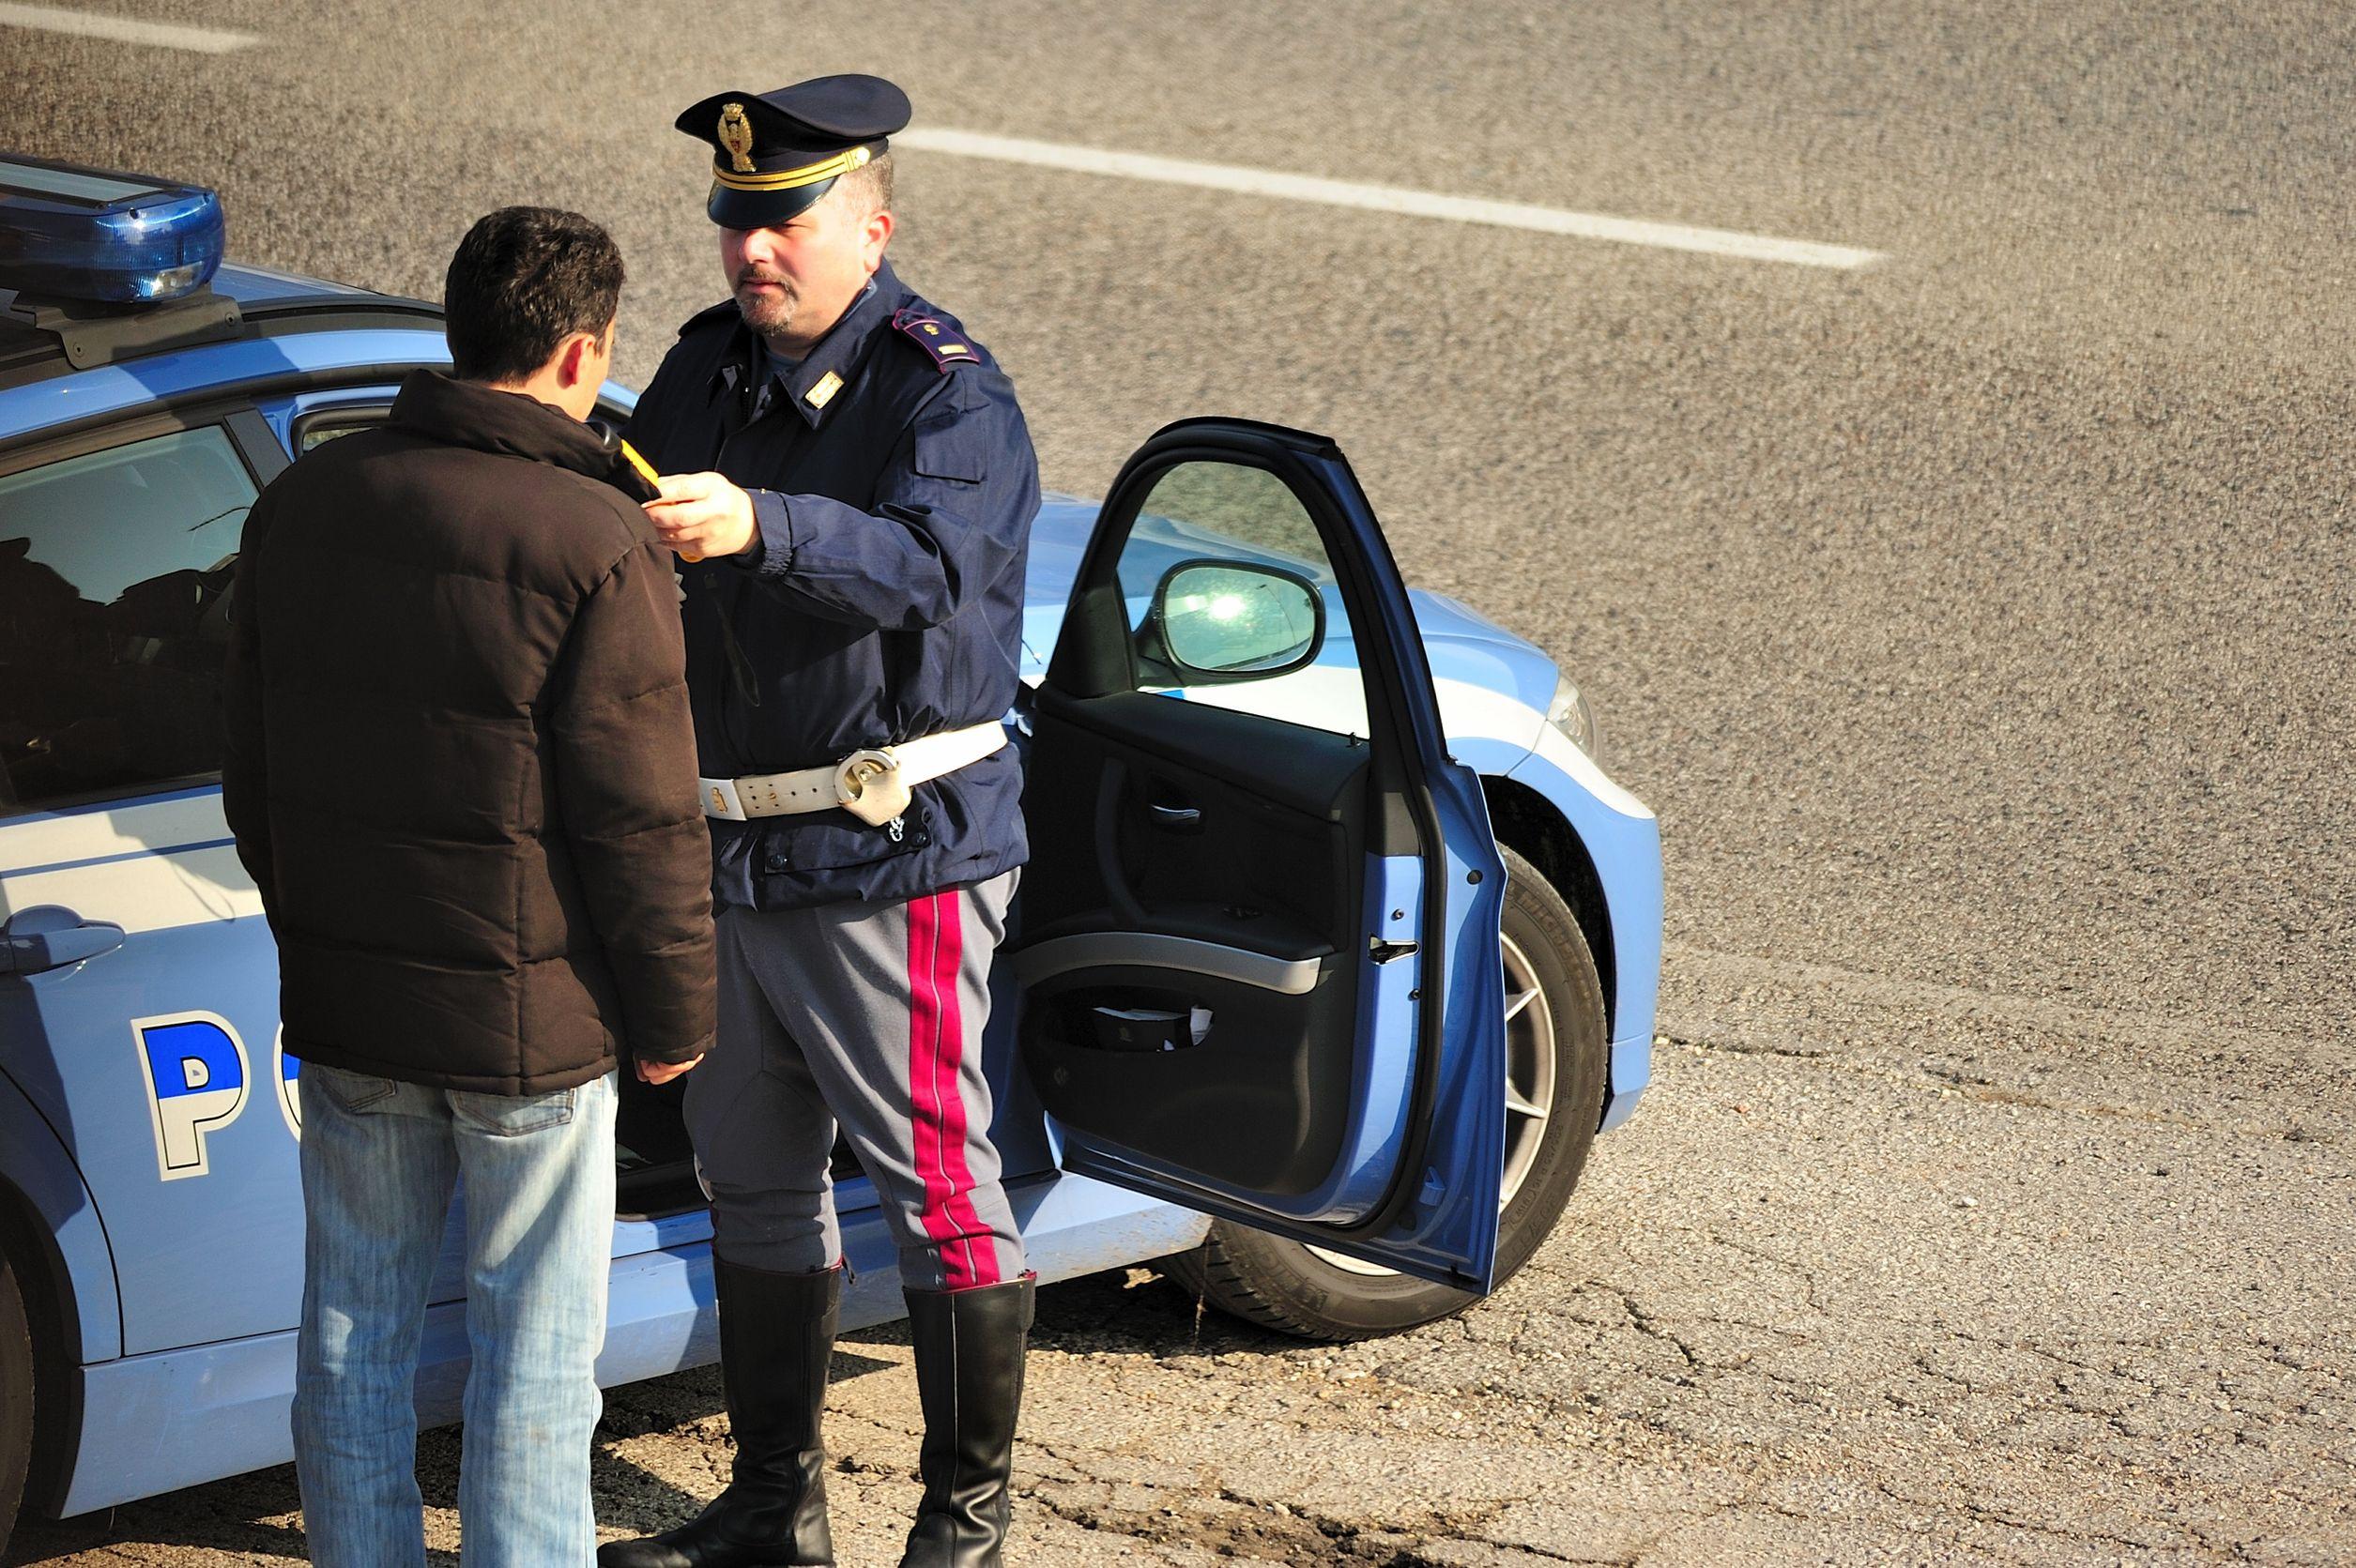 Il rifiuto dell 39 alcoltest su strada privata non reato for Diritto di passaggio su strada privata